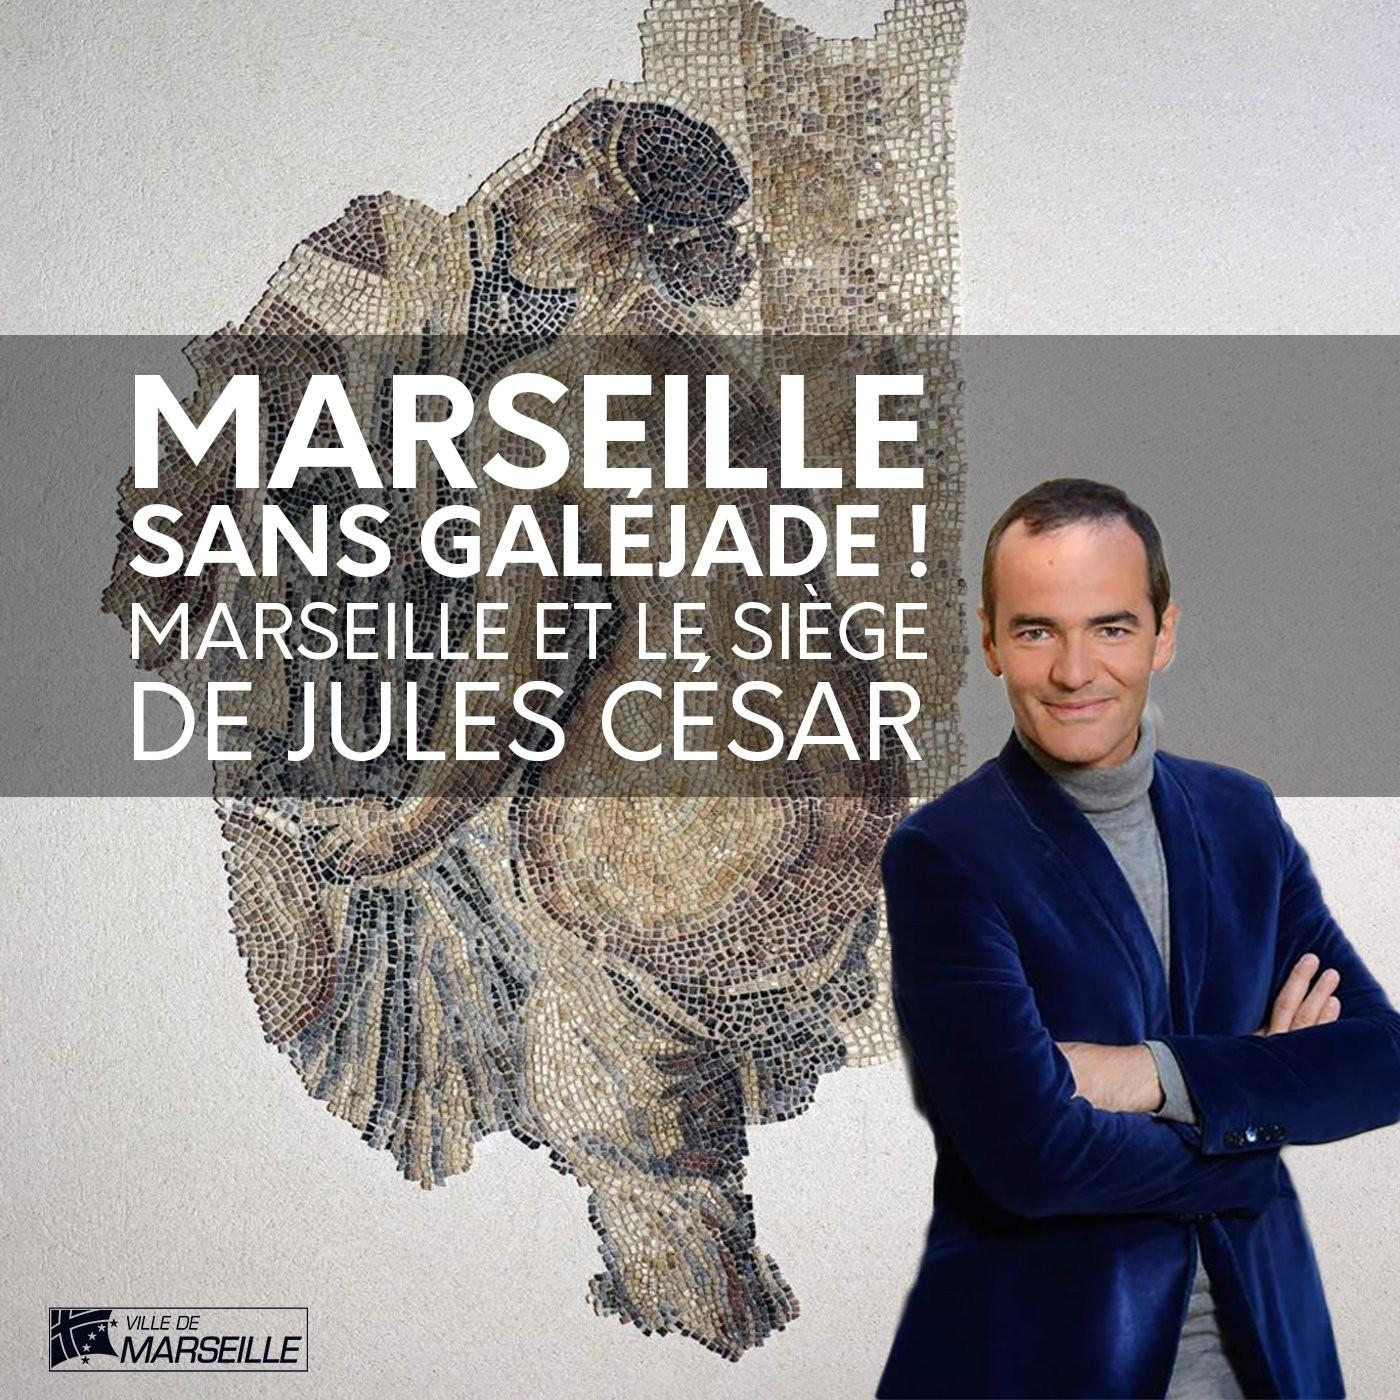 #8 - Le siège de Jules César